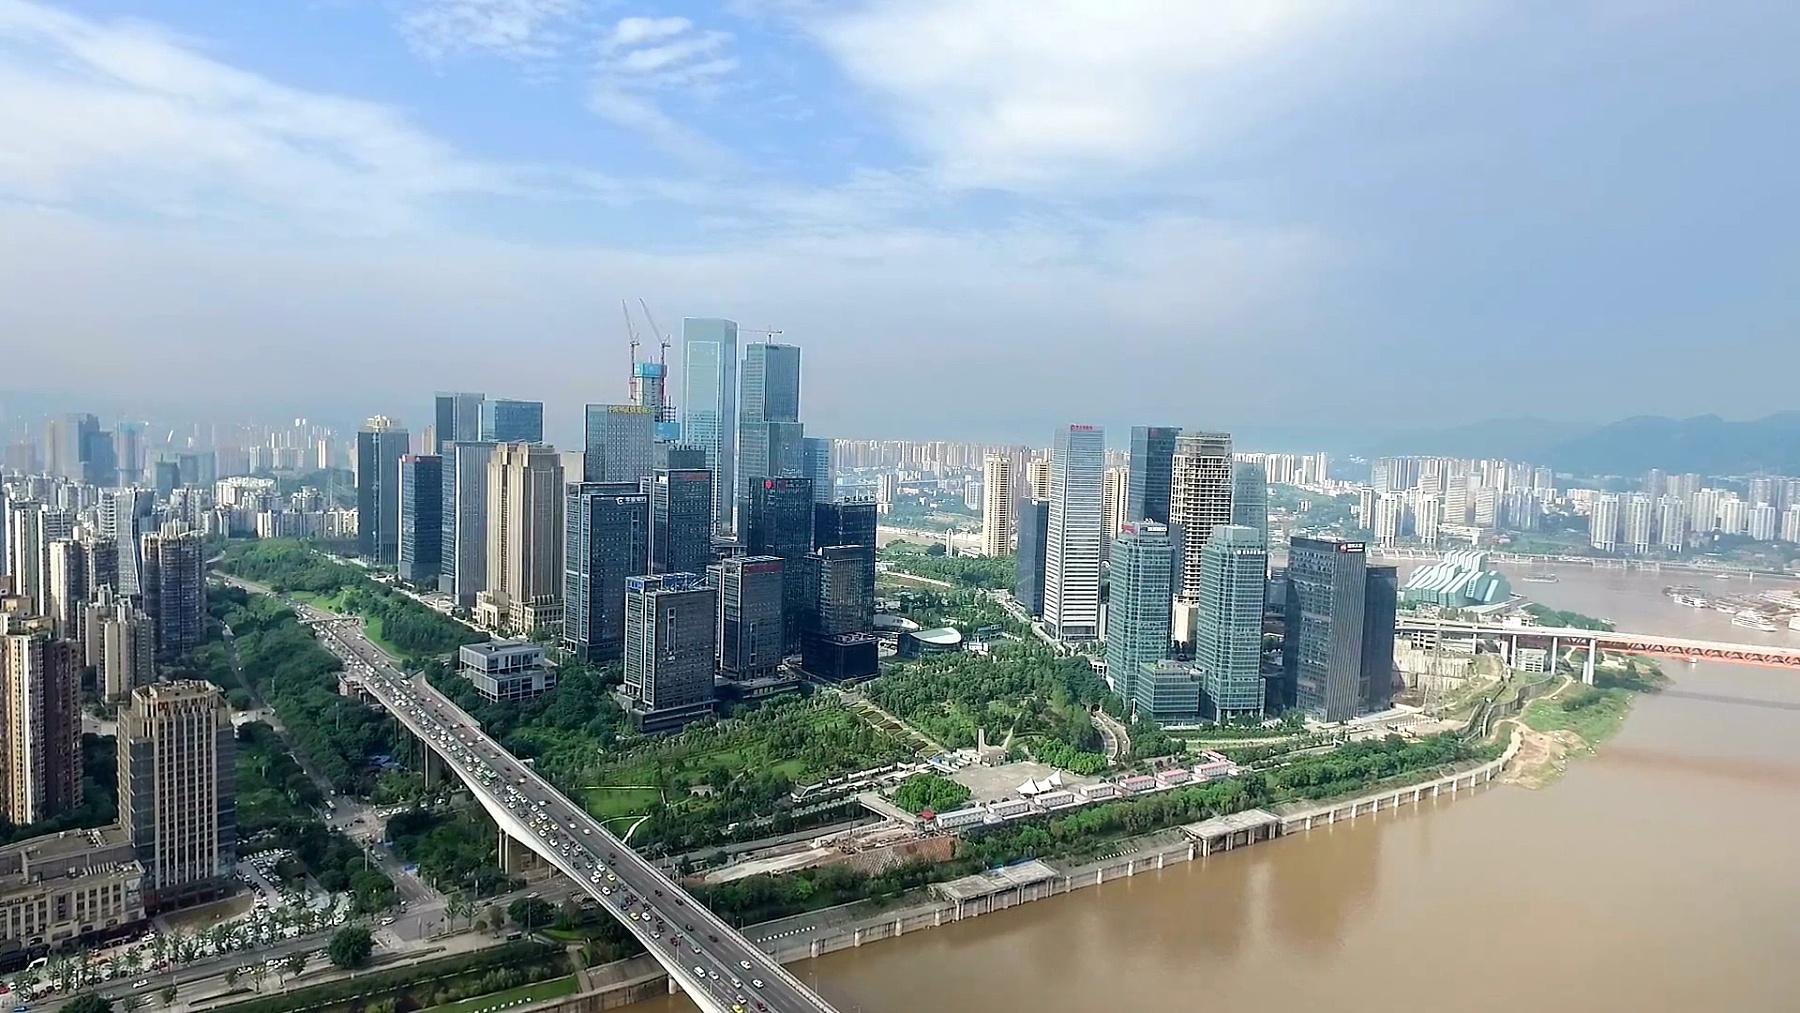 蓝云天空中近河现代城市鸟瞰